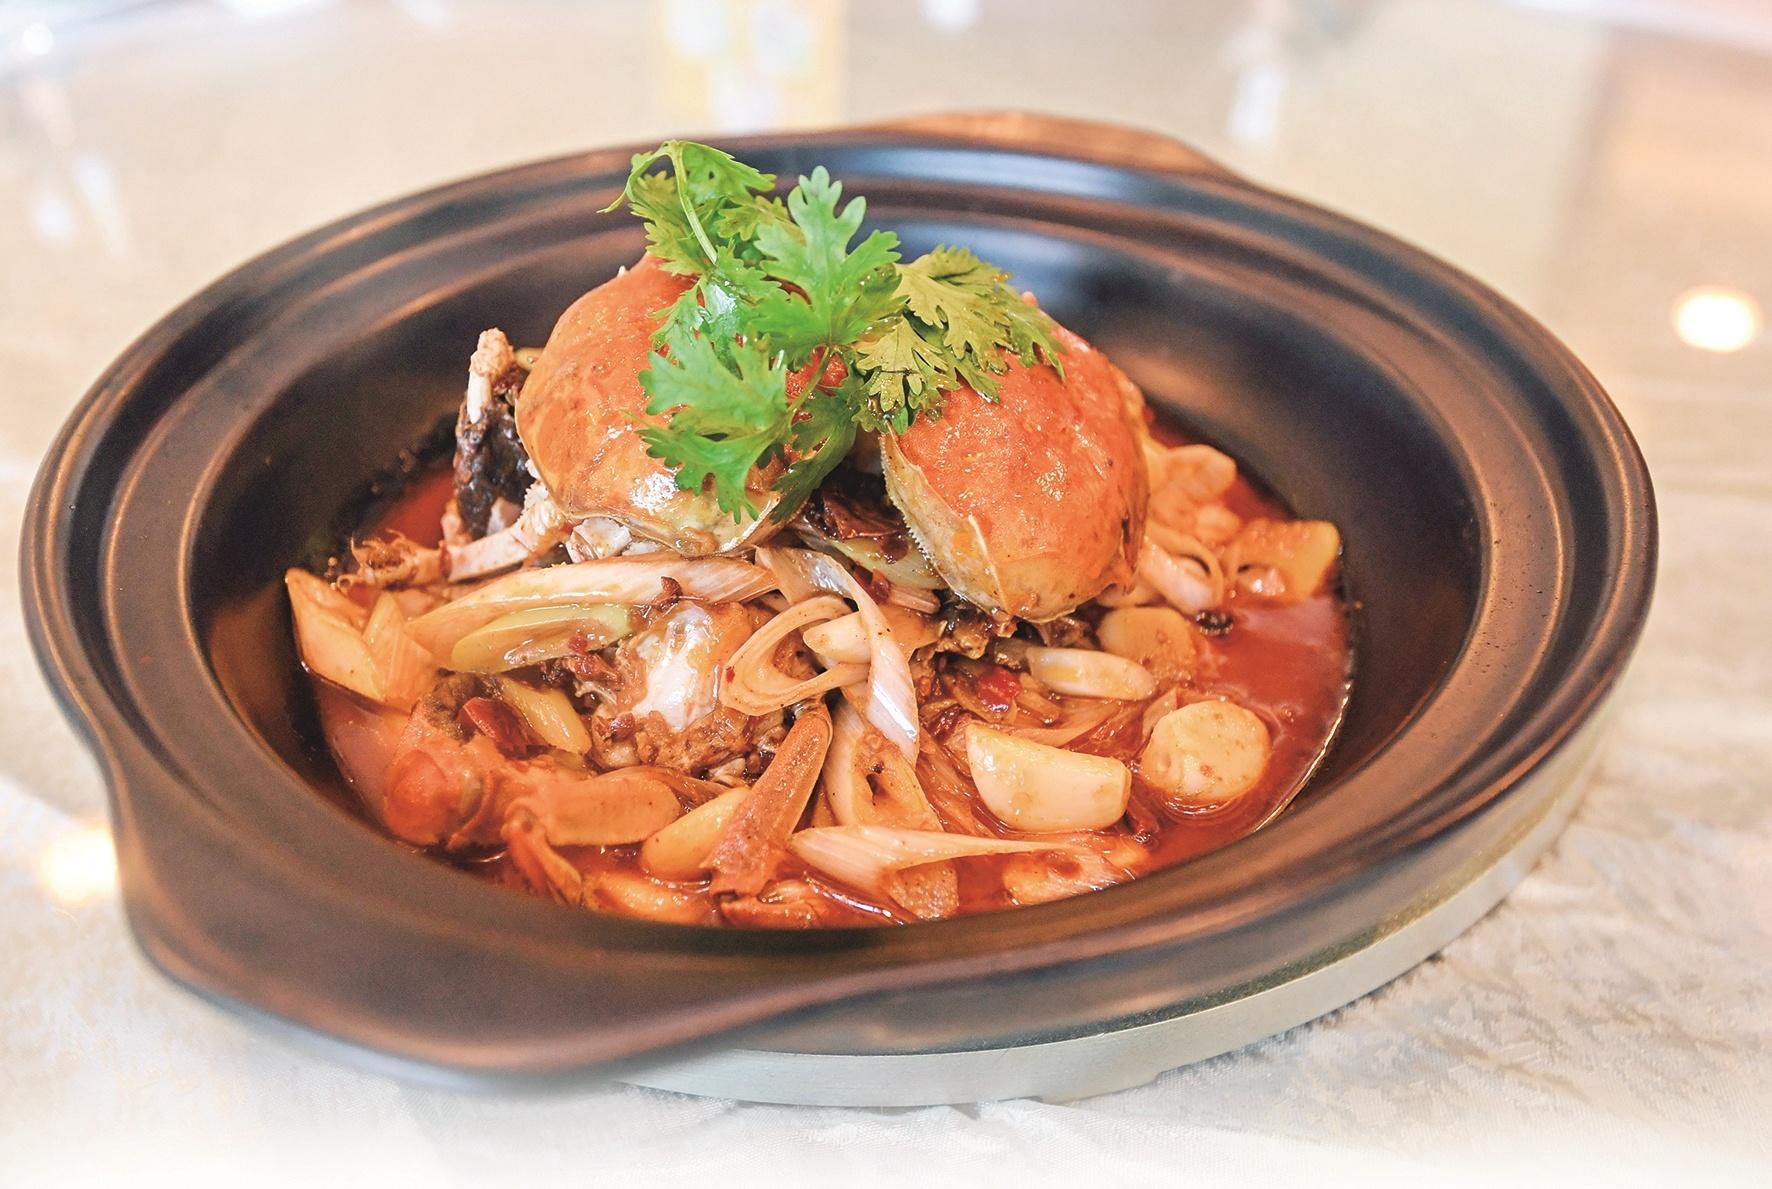 蟹黄丰腴肉质鲜嫩 品尝秋天里的第一口螃蟹